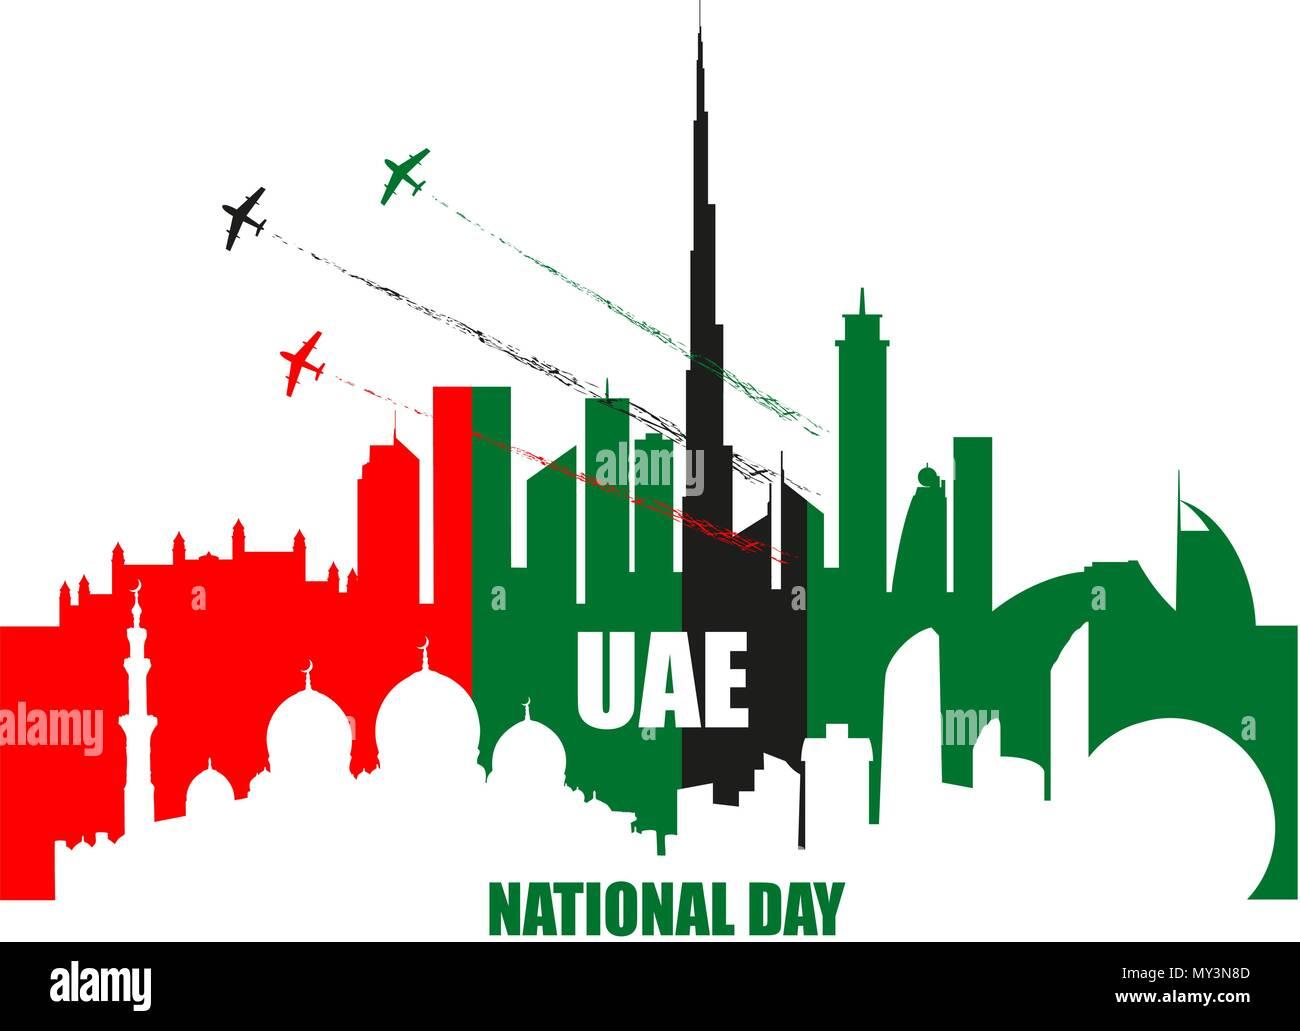 Uae National Day Stock Photos Uae National Day Stock Images Alamy